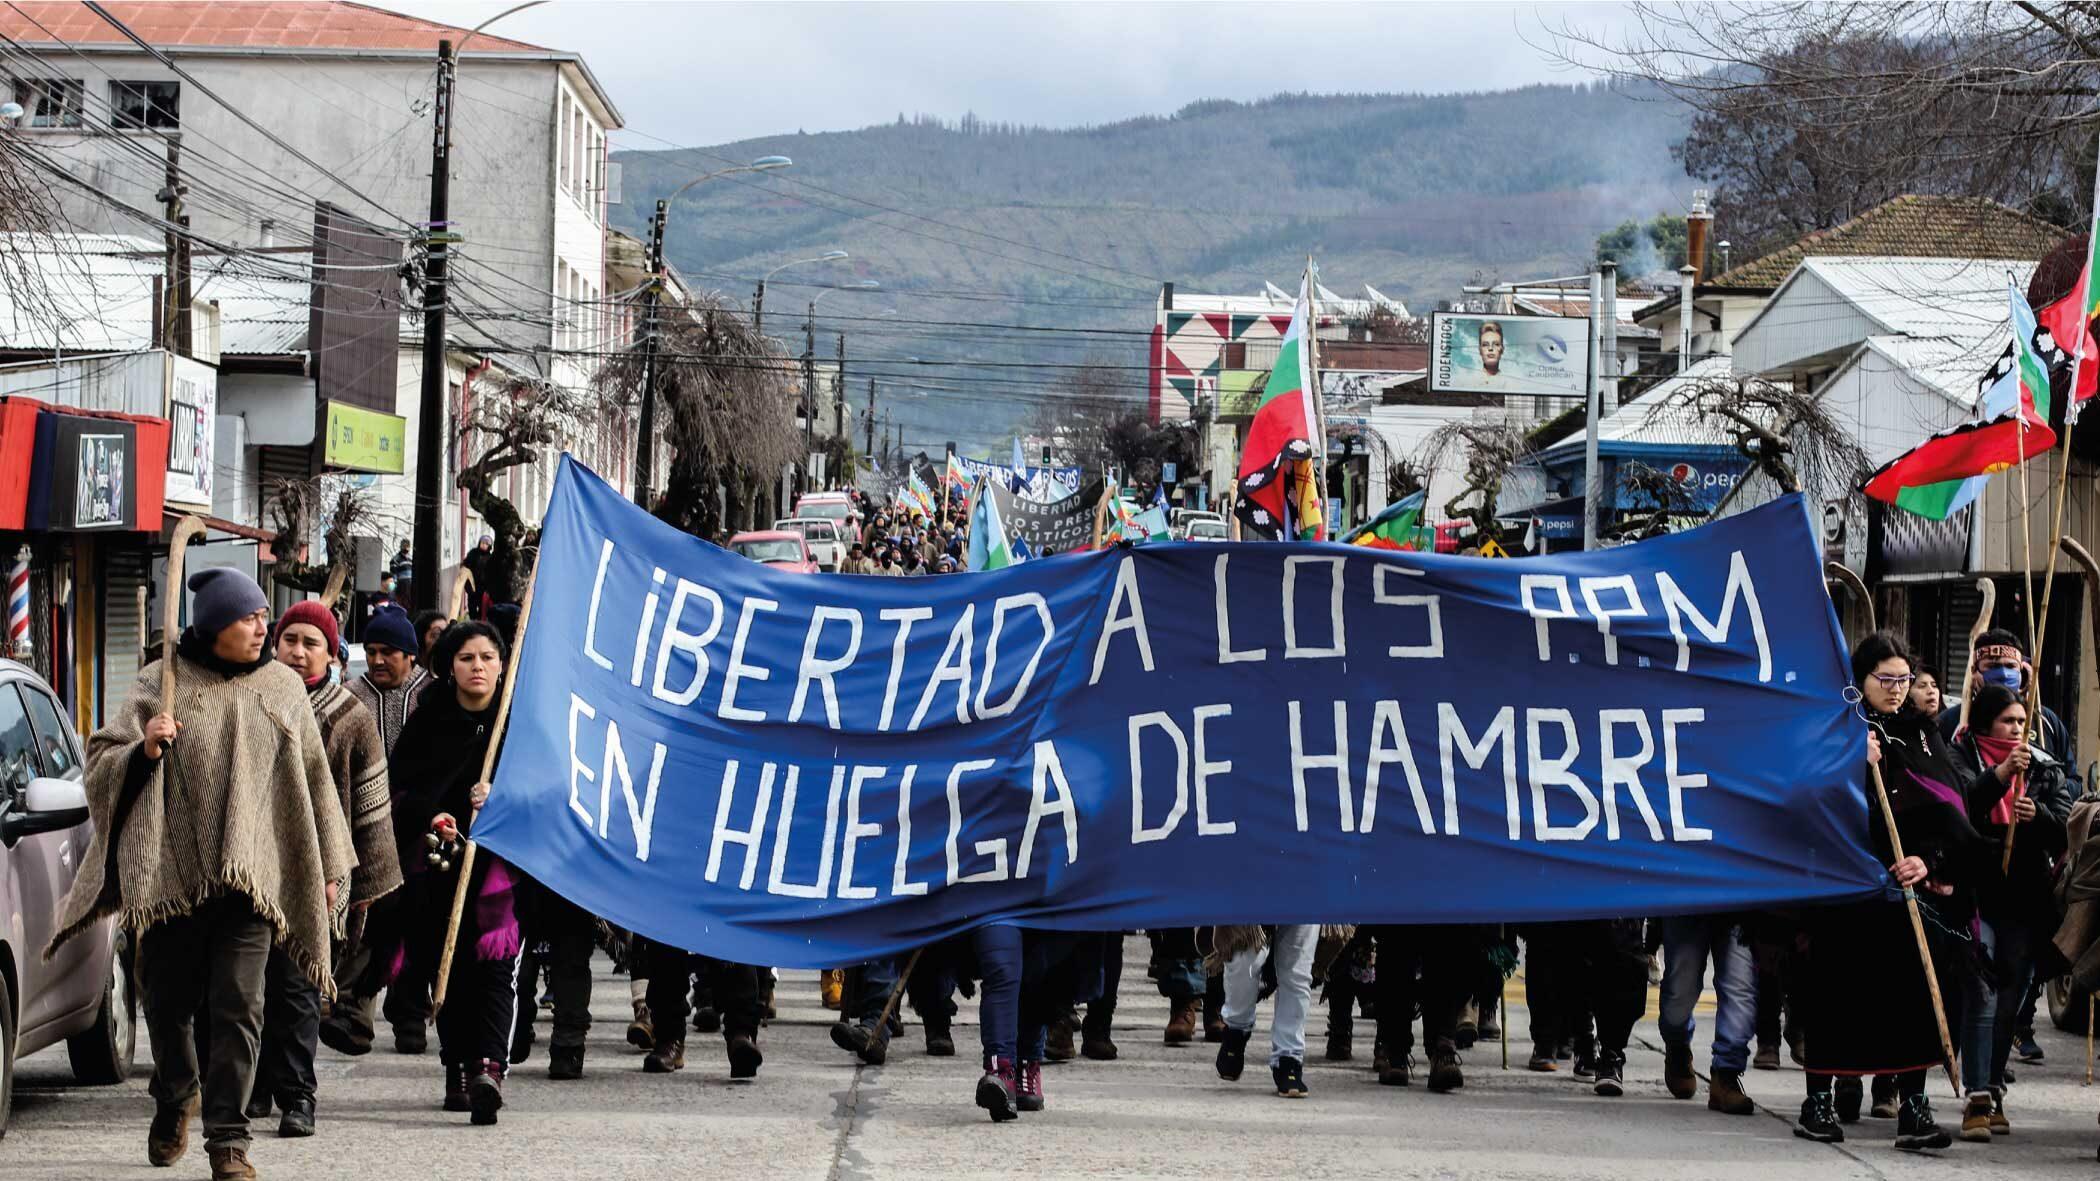 Prigionieri politici mapuche in sciopero della fame e della sete al punto critico